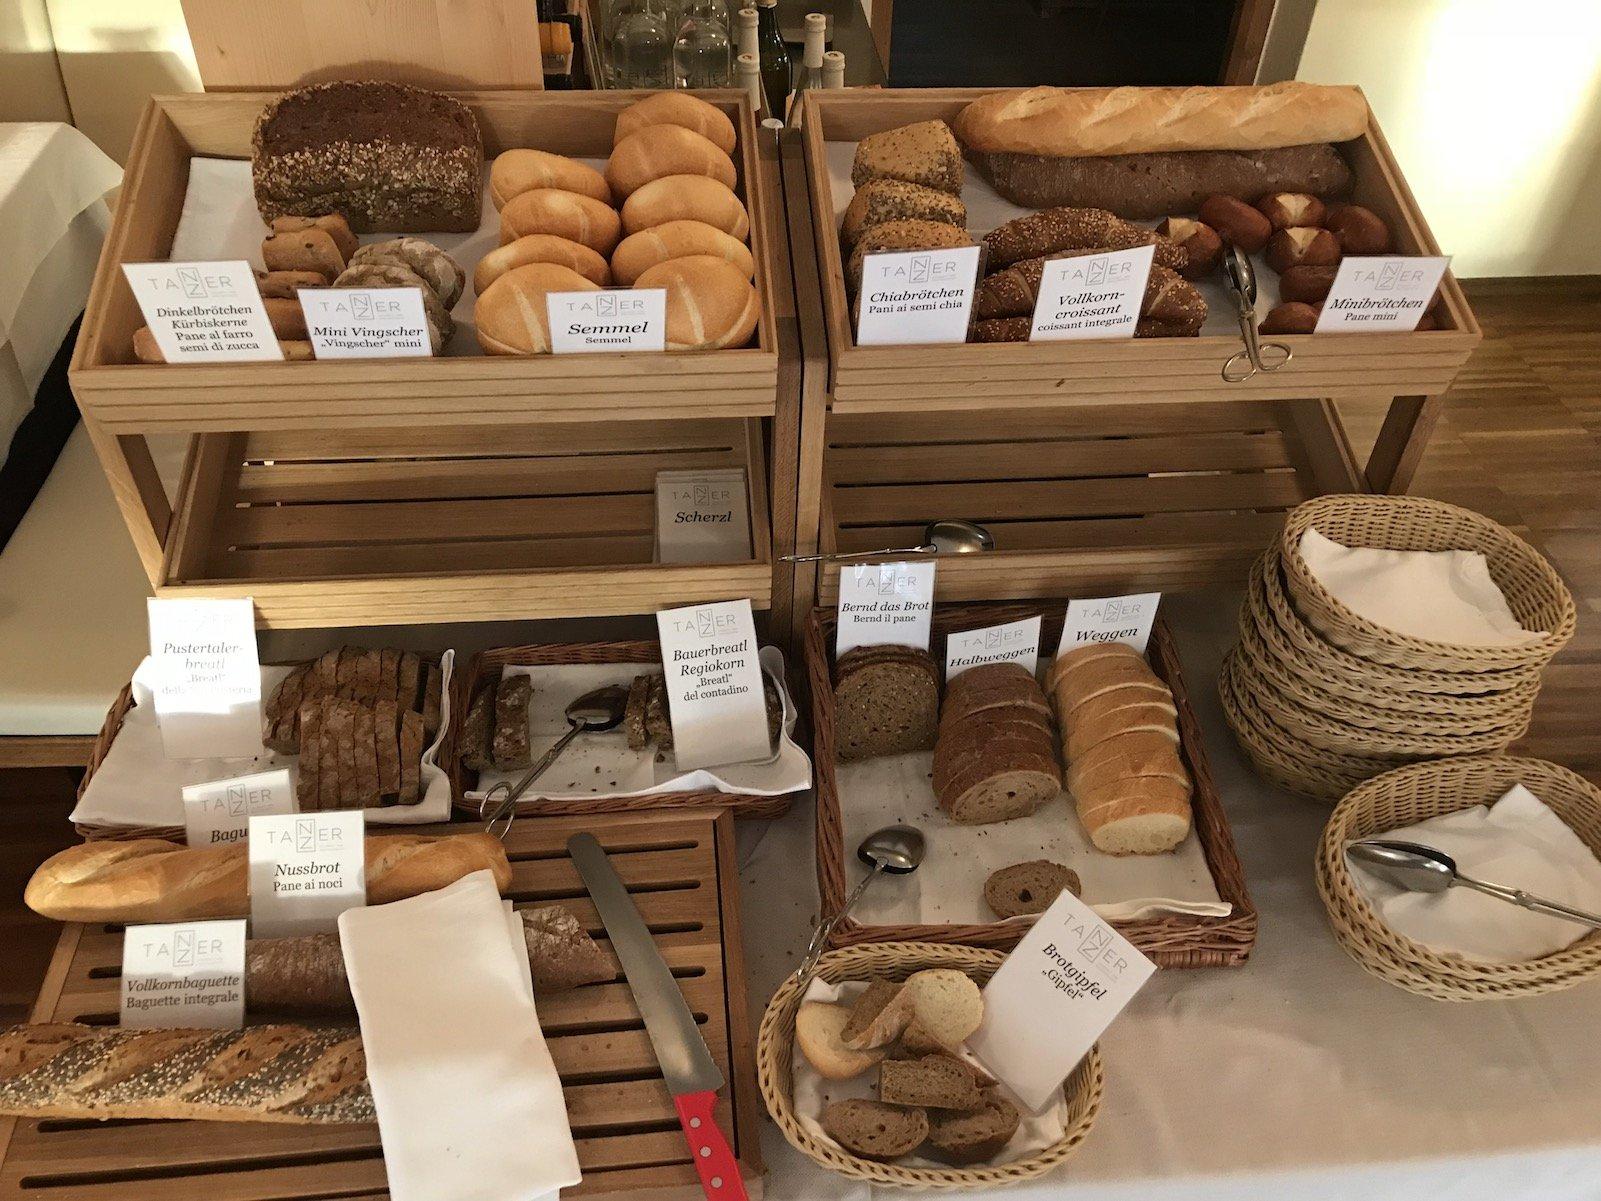 Große Auswahl an Brot und Brötchen.